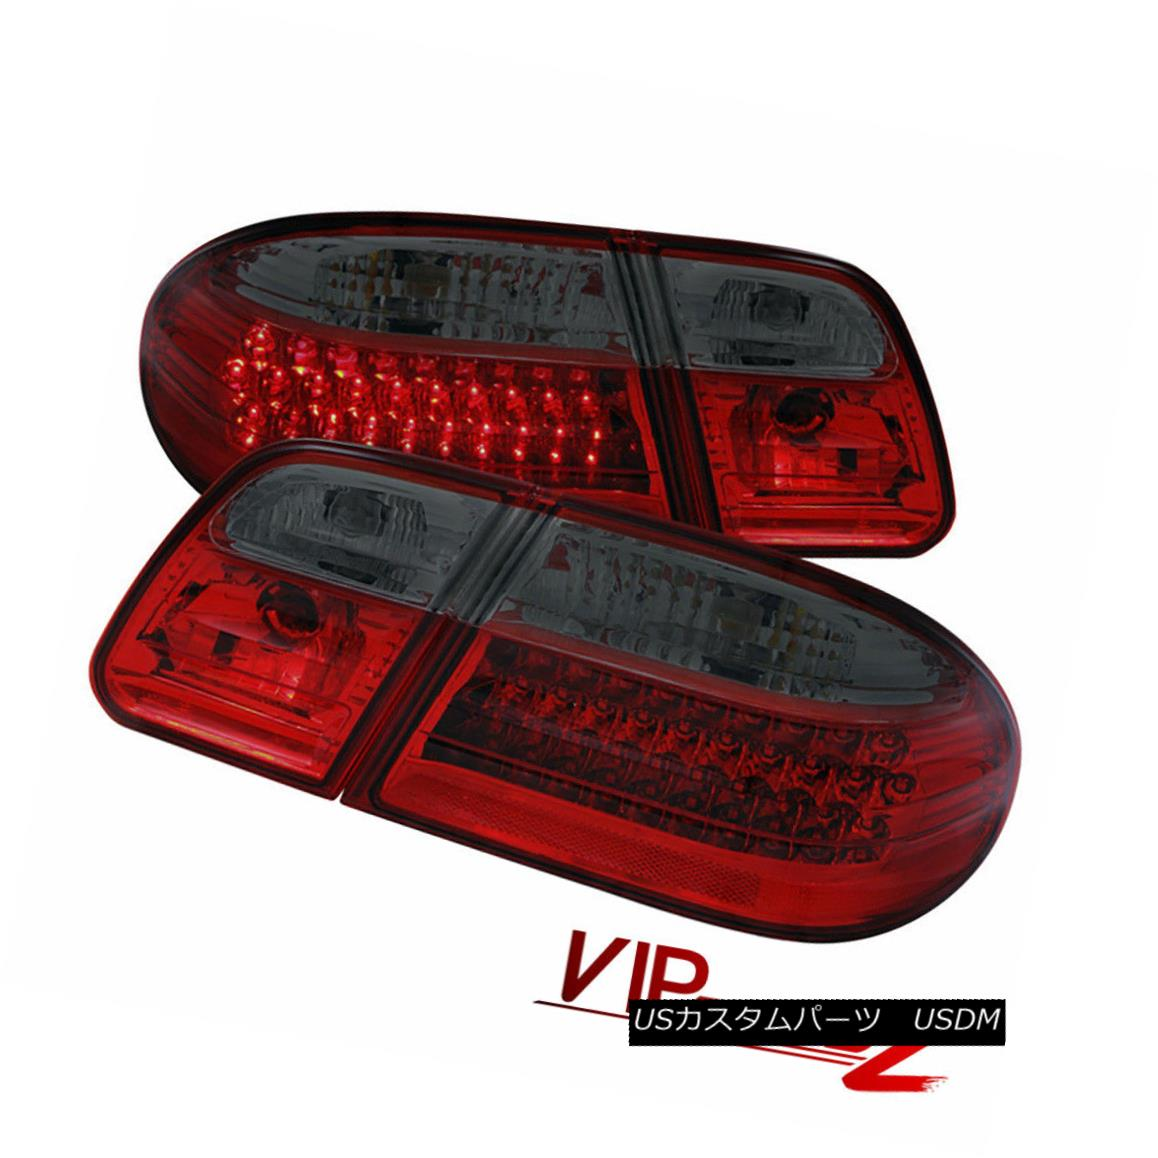 テールライト 96-02 BENZ W210 E-Class E300 E320 L+R Smoke LED Tail Light Signal Lamps Assembly 96-02ベンツW210 EクラスE300 E320 L + RスモークLEDテールライト信号ランプアセンブリ